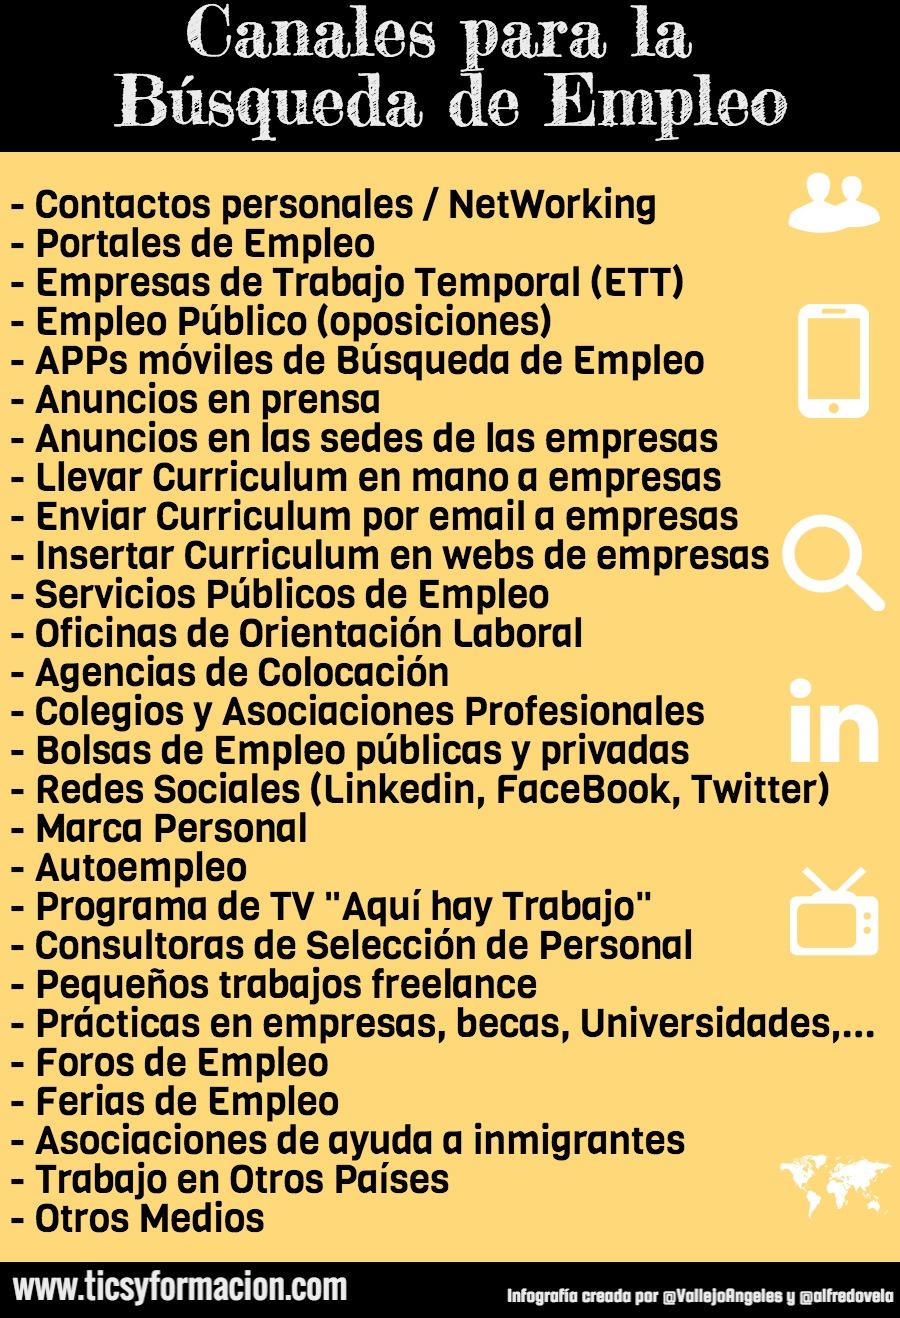 """Canales para la     Busqueda de Empleo  - Contactos personales / NetWorking  - Portales de Empleo  - Empresas de Trabajo Temporal (ETT)  - Empleo Publico (oposiciones)  - APPs maviles de Busqueda de Empleo  - Anuncios en prensa  - Anuncios en las sedes de las empresas  - Llevar Curriculum en mano a empresas  - Enviar Curriculum por email a empresas  - Insertar Curriculum en webs de empresas - Servicios Publicos de Empleo  - Oficinas de Orientacion Laboral  - Agencias de Colocacion  - Colegios y Asociaciones Profesionales  - Bolsas de Empleo publicas y privadas  - Redes Sociales (Linkedin, FaceBook, Twitter) - Marca Personal  - Autoempleo  - Programa de TV """"Aqui hay Trabajo""""  - Consultoras de Seleccion de Personal  - Pequenos trabajos freelance  - Practicas en empresas, becas, Universidades,... - Foros de Empleo  - Ferias de Empleo  - Asociaciones de ayuda a inmigrantes  - Trabajo en Otros Paises  - Otros Medios"""